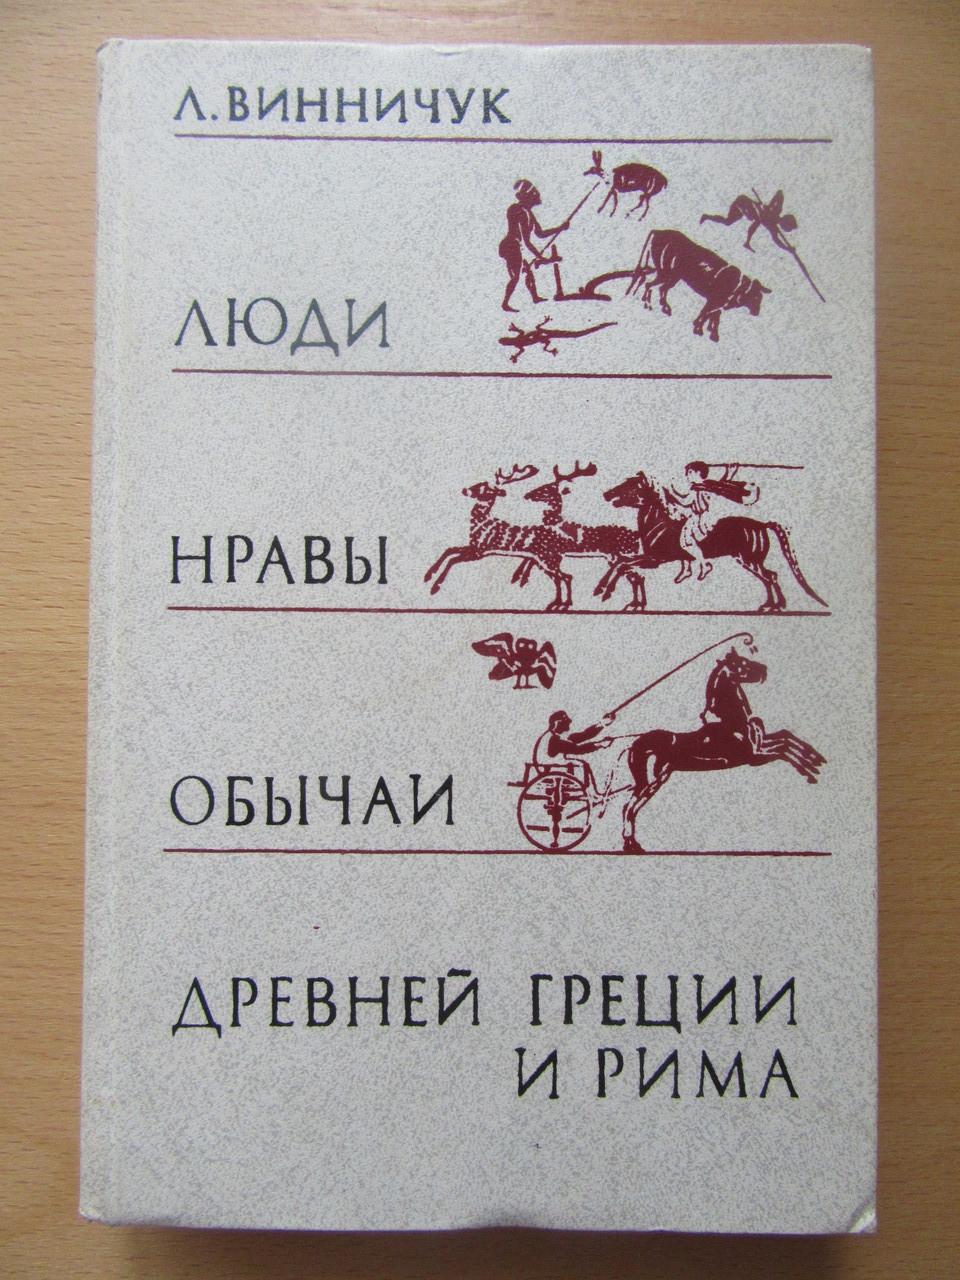 Л.Винничук. Люди, нравы и обычаи Древней Греции и Рима